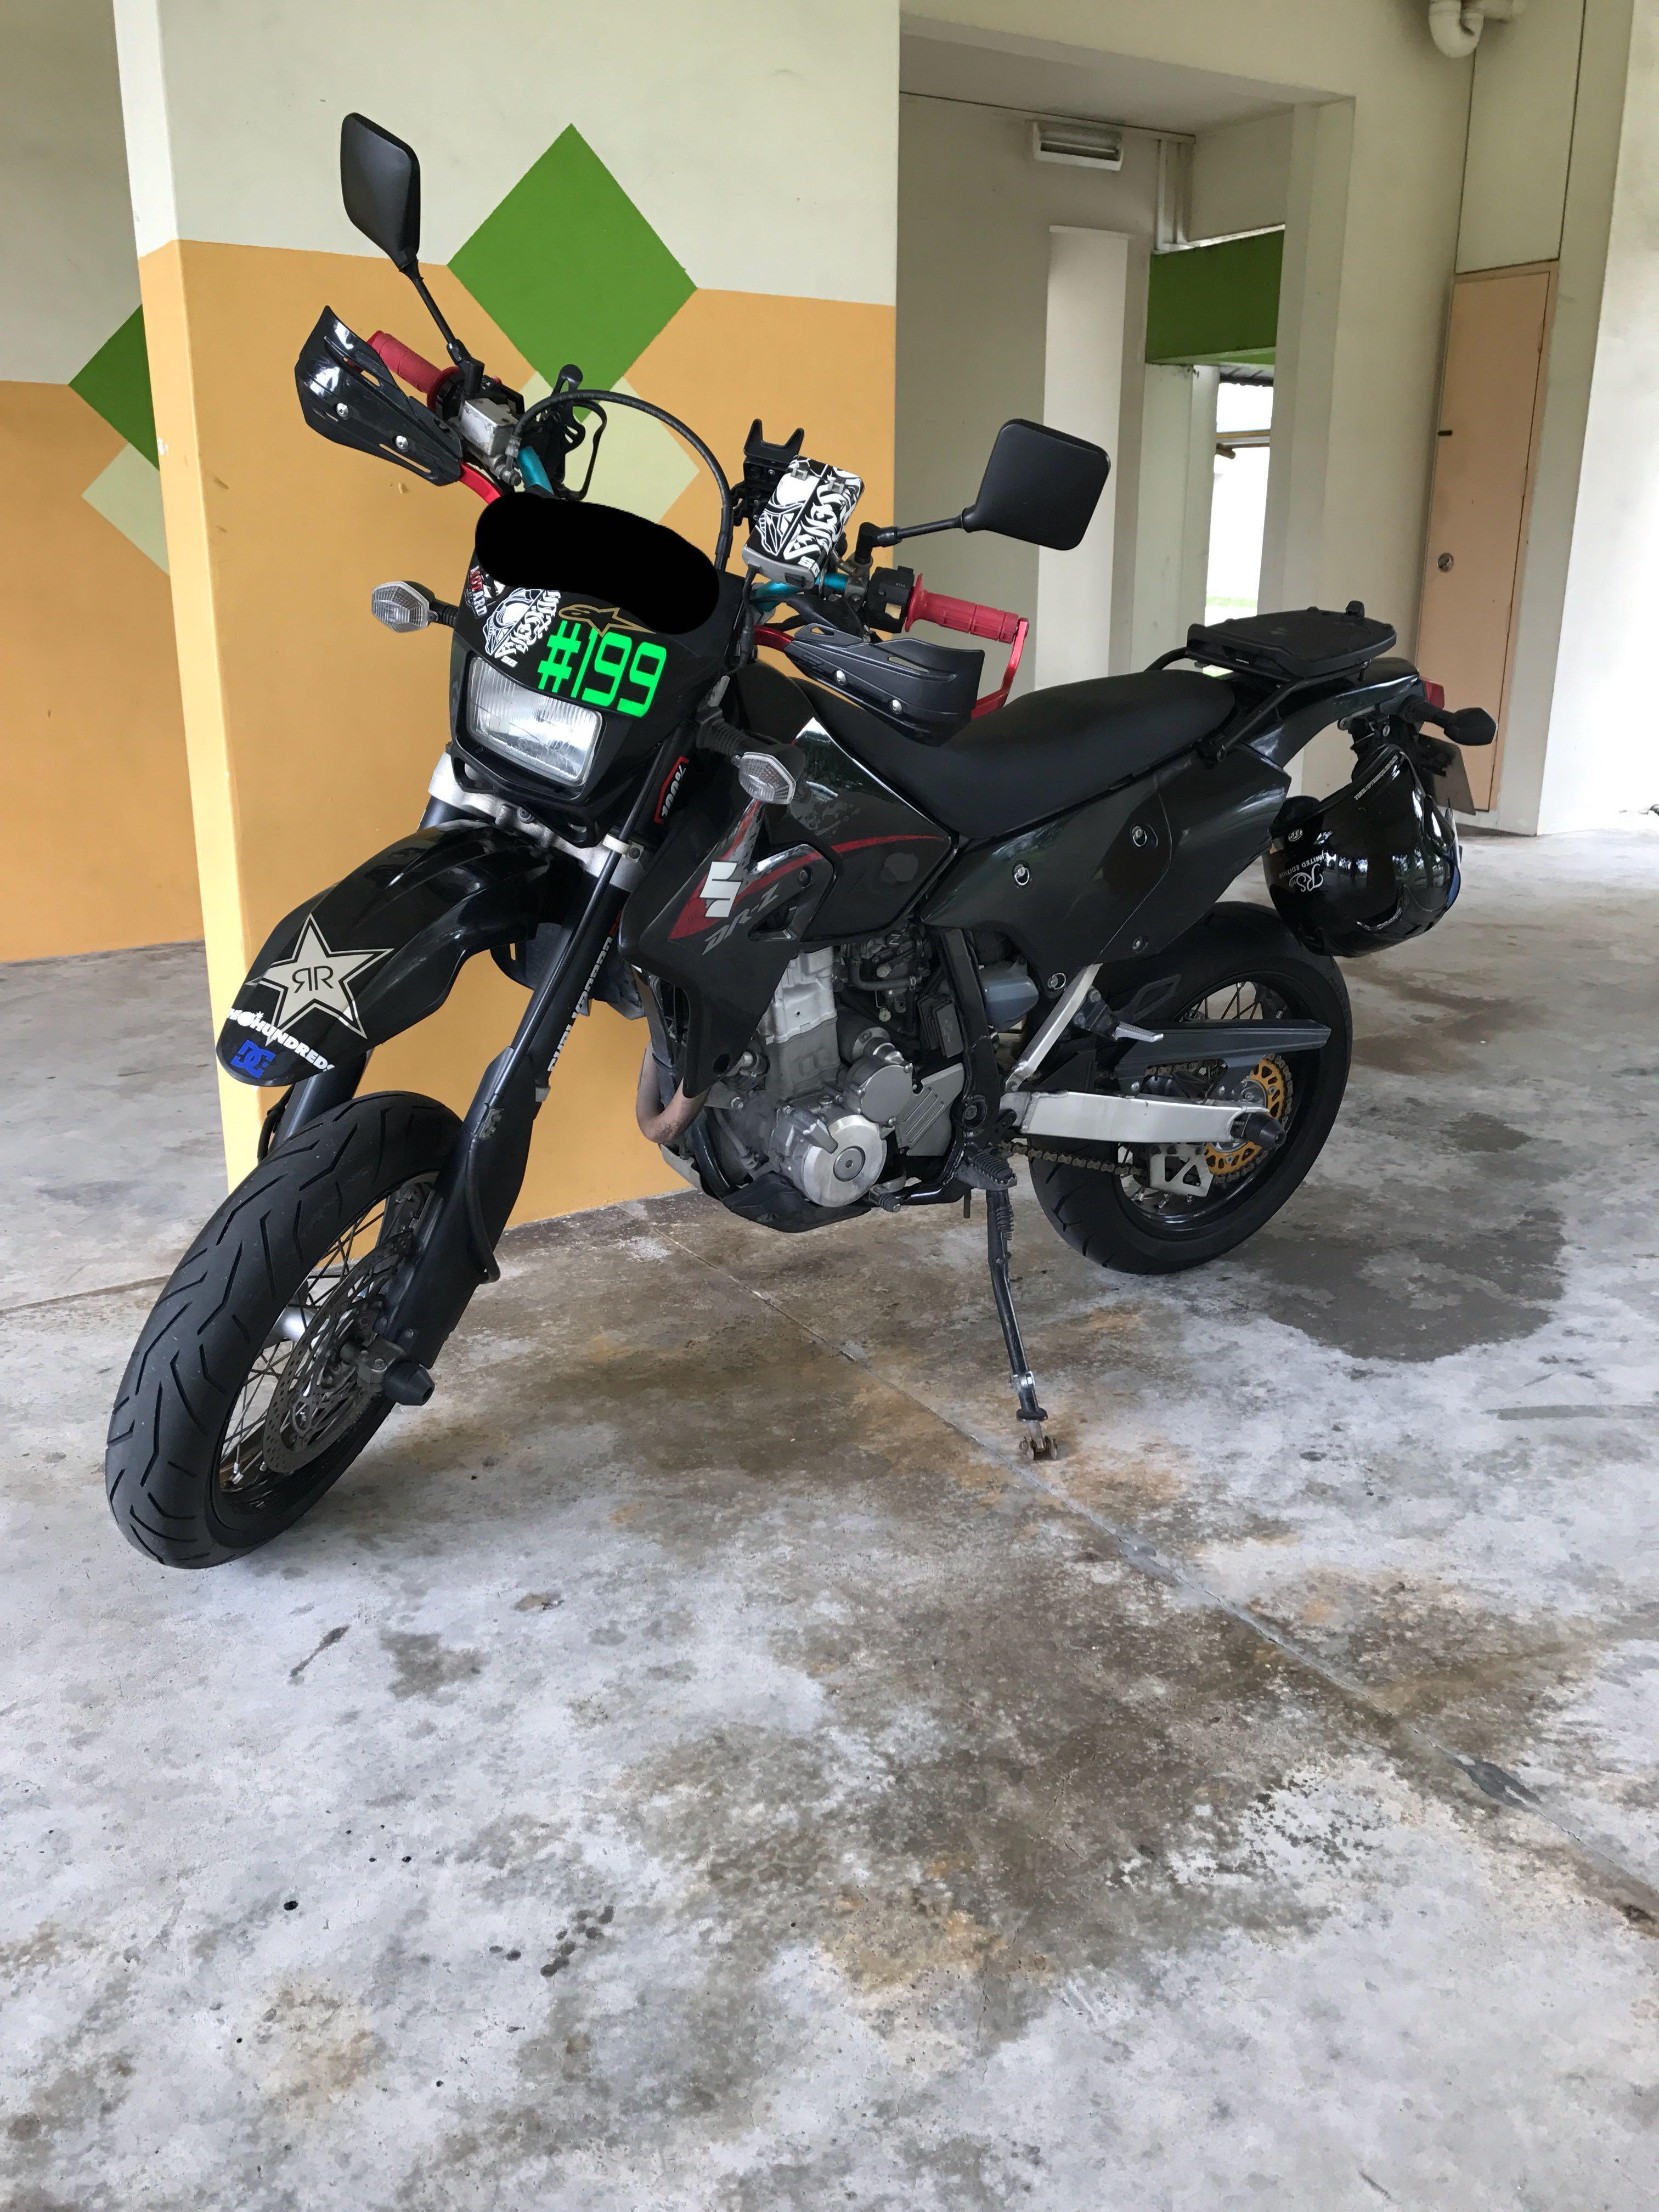 Suzuki Drz400sm coi, Motorbikes, Motorbikes for Sale, Class